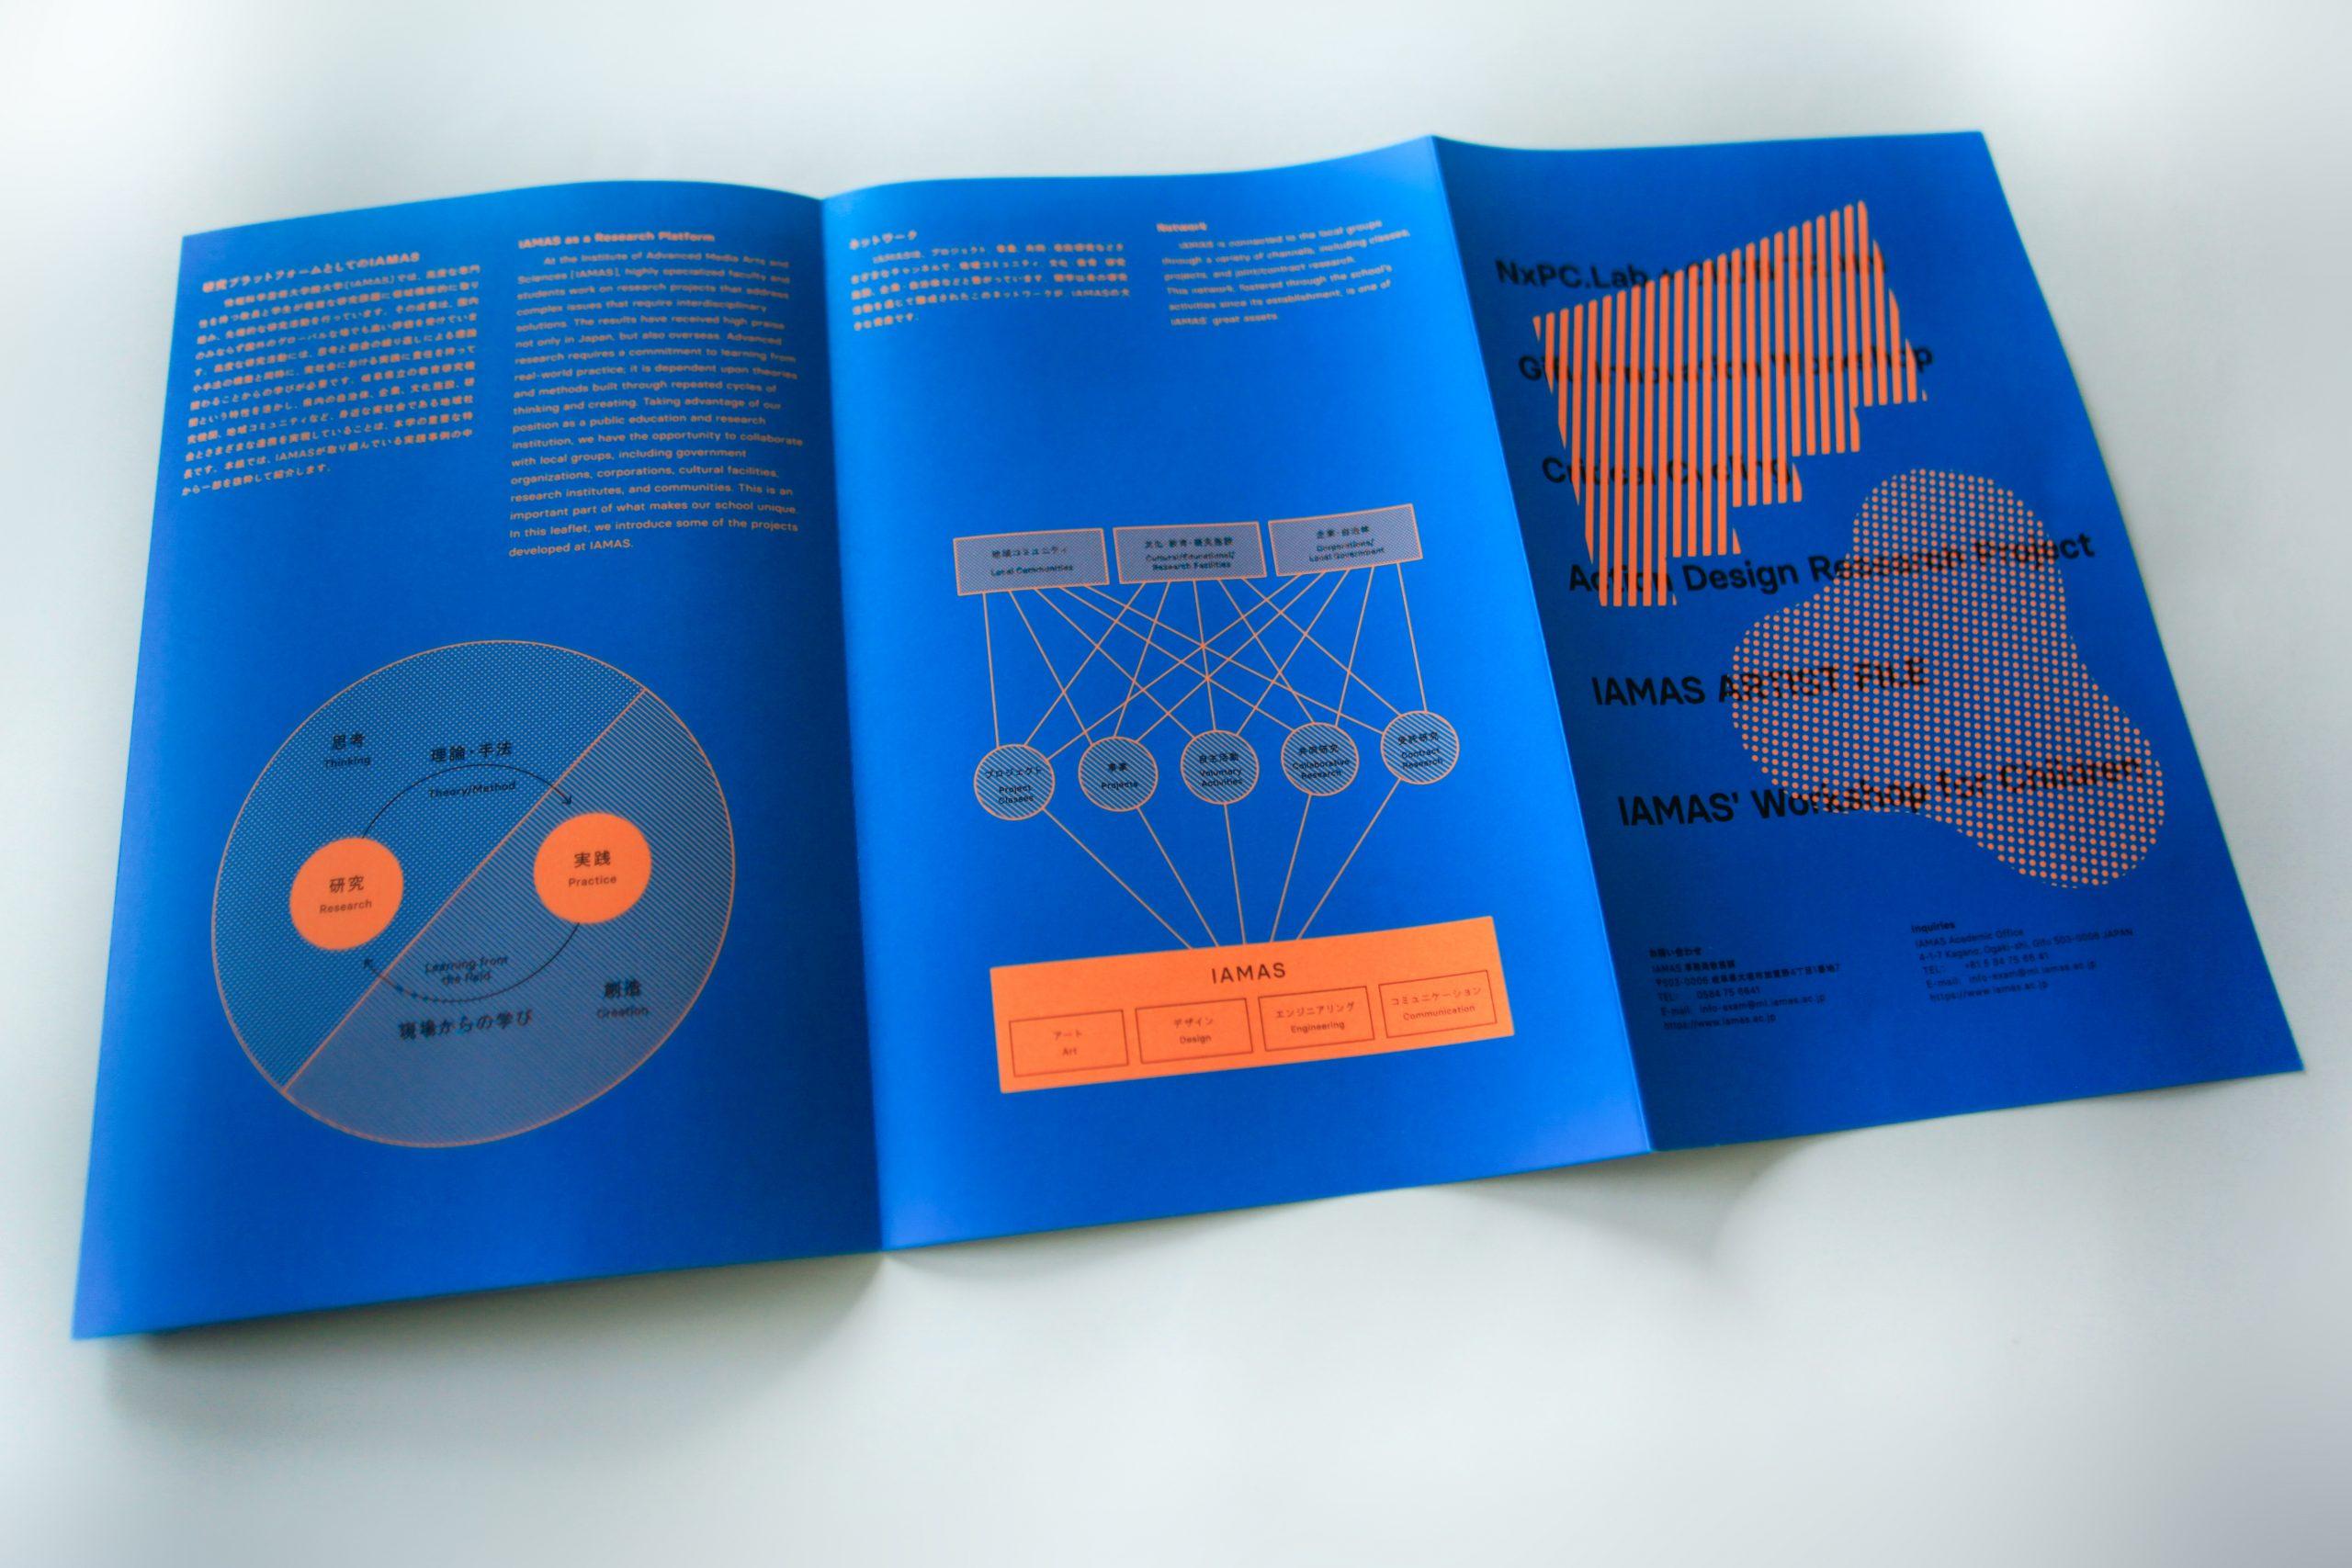 研究プラットフォームとしてのIAMASイメージ